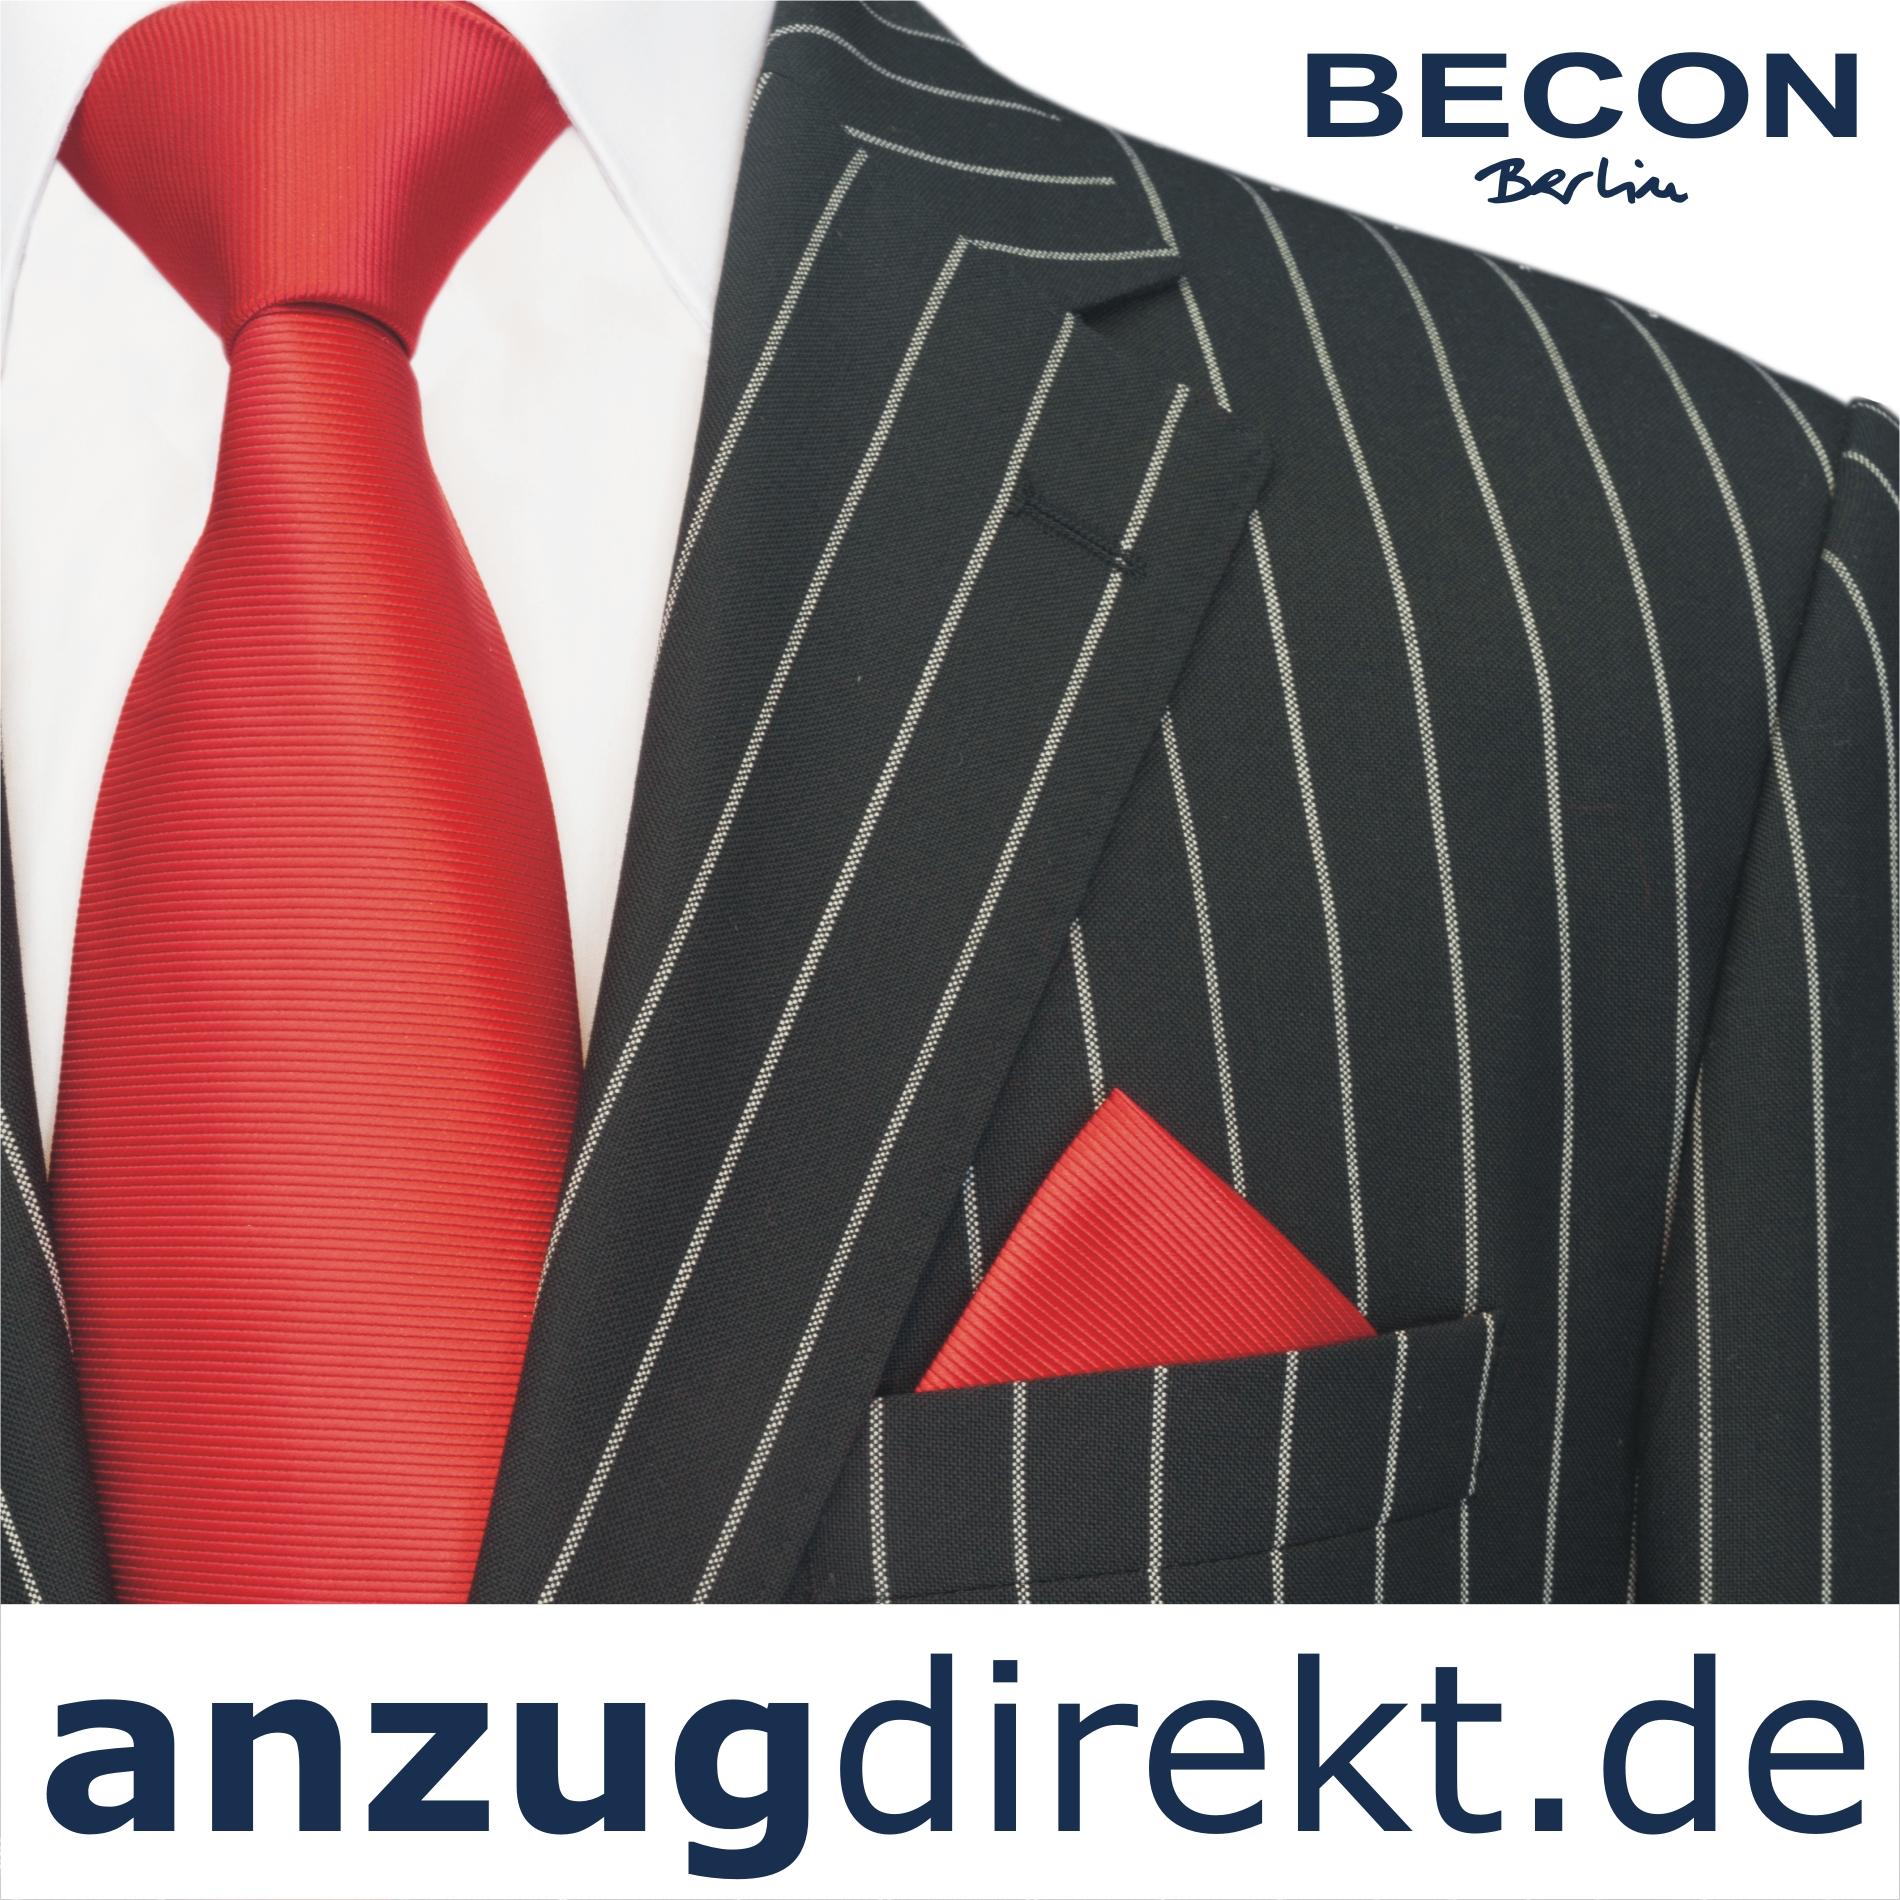 anzugdirekt.de by BECON Berlin